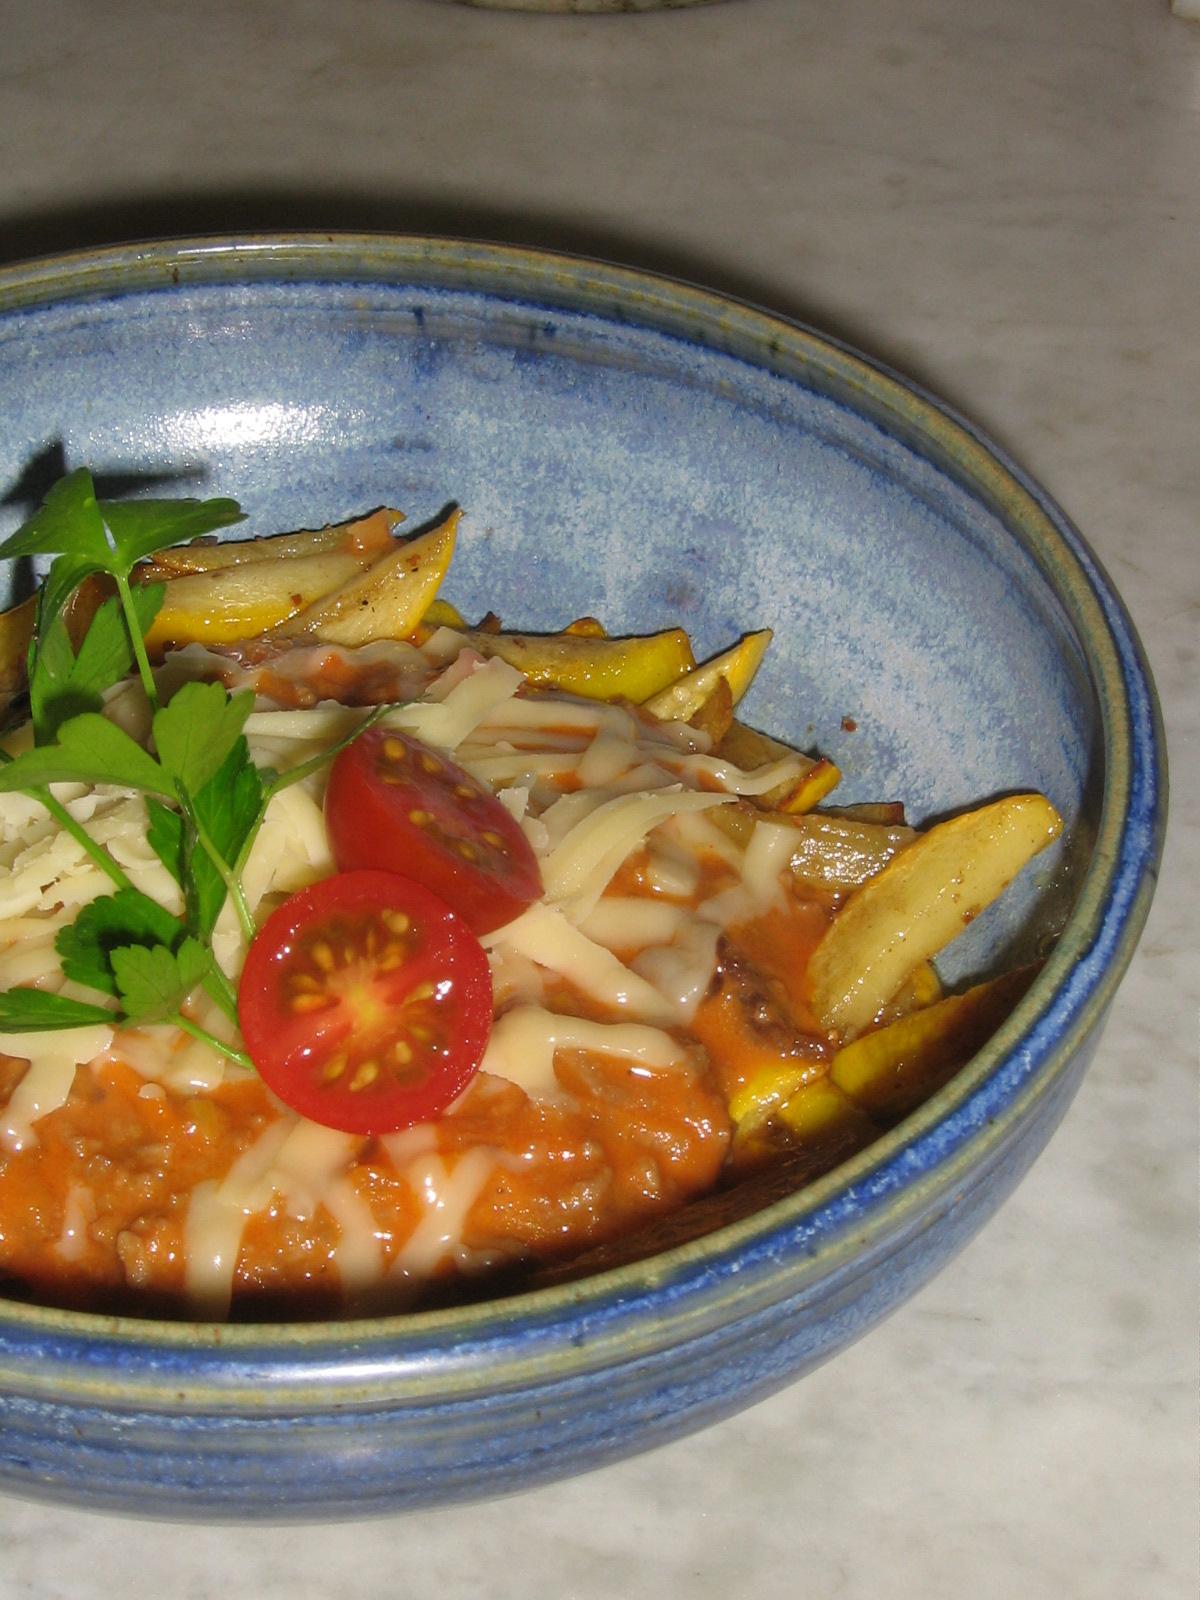 Köttfärssås LCHF med gul Zucchini från Ås Trädgård